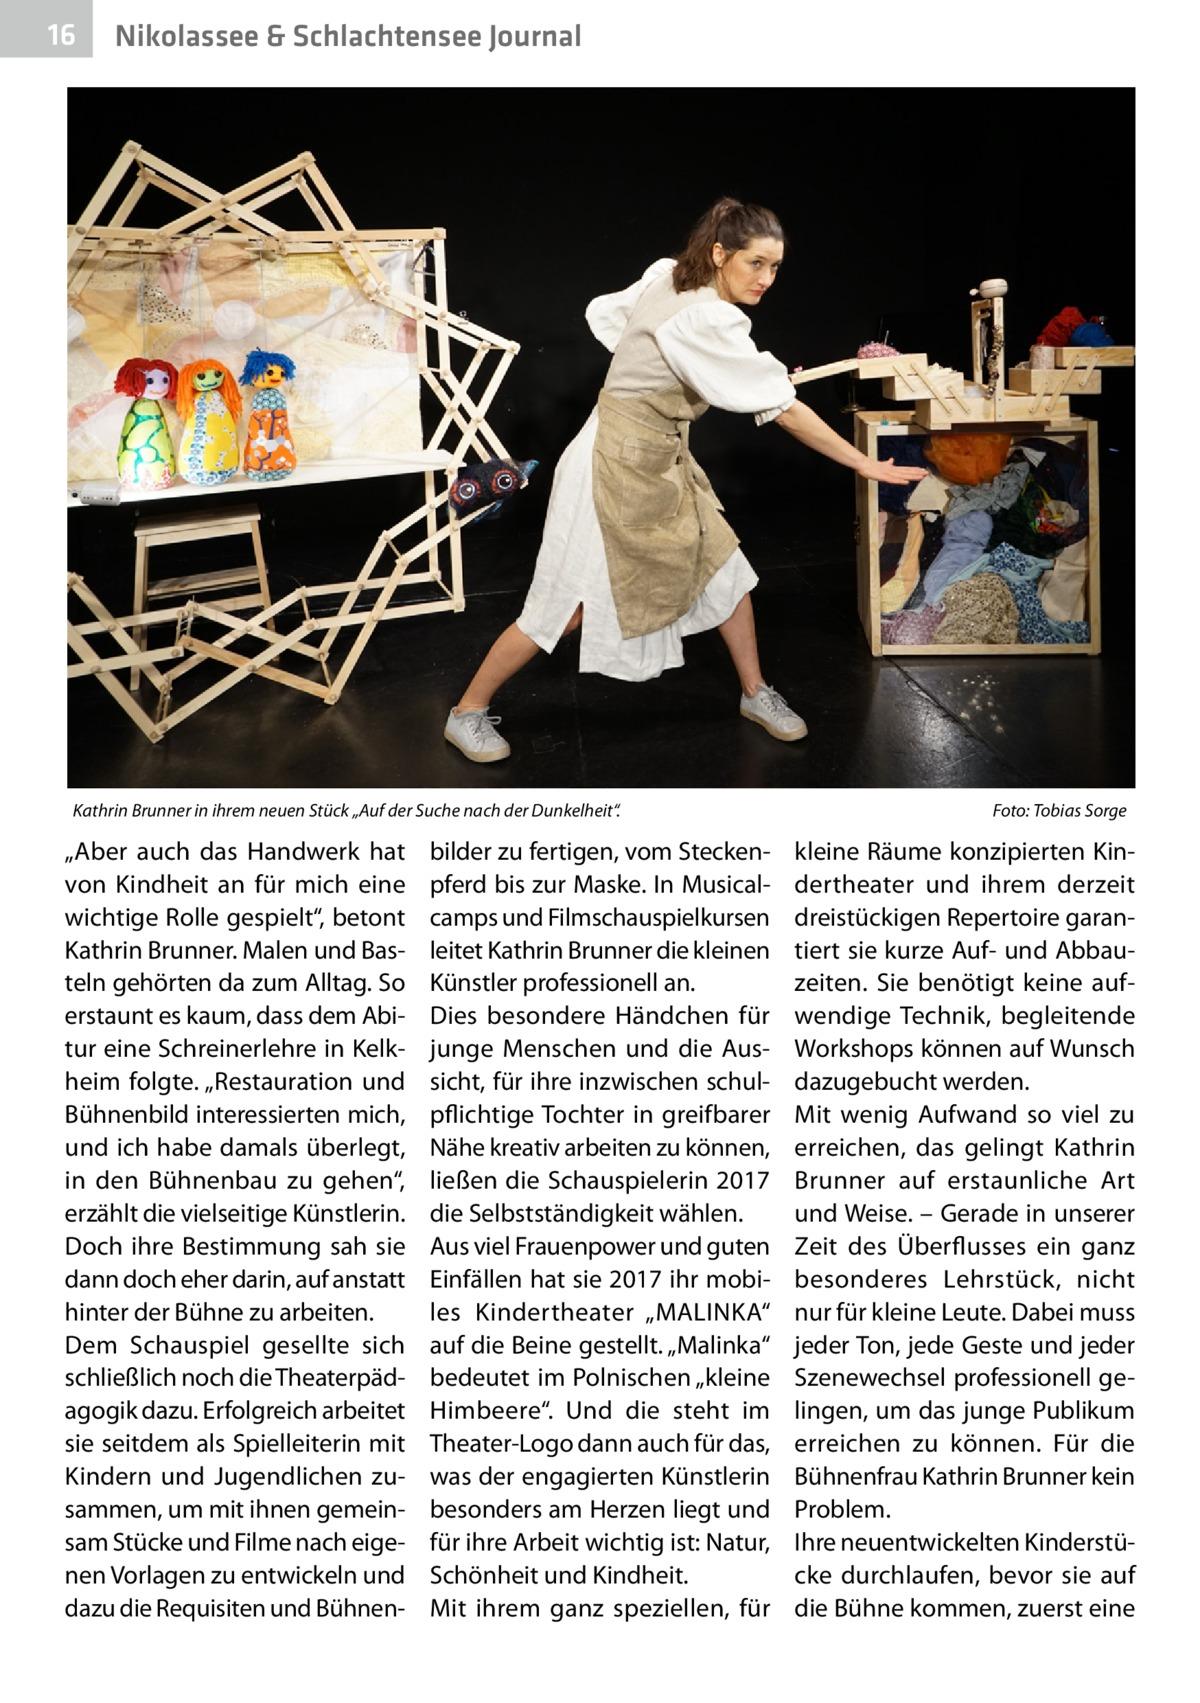 """16  Nikolassee & Schlachtensee Journal  Kathrin Brunner in ihrem neuen Stück """"Auf der Suche nach der Dunkelheit"""". �  """"Aber auch das Handwerk hat von Kindheit an für mich eine wichtige Rolle gespielt"""", betont Kathrin Brunner. Malen und Basteln gehörten da zum Alltag. So erstaunt es kaum, dass dem Abi tur eine Schreinerlehre in Kelkheim folgte. """"Restauration und Bühnenbild interessierten mich, und ich habe damals überlegt, in den Bühnenbau zu gehen"""", erzählt die vielseitige Künstlerin. Doch ihre Bestimmung sah sie dann doch eher darin, auf anstatt hinter der Bühne zu arbeiten. Dem Schauspiel gesellte sich schließlich noch die Theaterpädagogik dazu. Erfolgreich arbeitet sie seitdem als Spielleiterin mit Kindern und Jugendlichen zusammen, um mit ihnen gemeinsam Stücke und Filme nach eigenen Vorlagen zu entwickeln und dazu die Requisiten und Bühnen bilder zu fertigen, vom Steckenpferd bis zur Maske. In Musicalcamps und Filmschauspielkursen leitet Kathrin Brunner die kleinen Künstler professionell an. Dies besondere Händchen für junge Menschen und die Aussicht, für ihre inzwischen schulpflichtige Tochter in greifbarer Nähe kreativ arbeiten zu können, ließen die Schauspielerin 2017 die Selbstständigkeit wählen. Aus viel Frauenpower und guten Einfällen hat sie 2017 ihr mobiles Kindertheater """"MALINKA"""" auf die Beine gestellt. """"Malinka"""" bedeutet im Polnischen """"kleine Himbeere"""". Und die steht im Theater-Logo dann auch für das, was der engagierten Künstlerin besonders am Herzen liegt und für ihre Arbeit wichtig ist: Natur, Schönheit und Kindheit. Mit ihrem ganz speziellen, für  Foto: Tobias Sorge  kleine Räume konzipierten Kindertheater und ihrem derzeit dreistückigen Repertoire garantiert sie kurze Auf- und Abbauzeiten. Sie benötigt keine aufwendige Technik, begleitende Workshops können auf Wunsch dazugebucht werden. Mit wenig Aufwand so viel zu erreichen, das gelingt Kathrin Brunner auf erstaunliche Art und Weise. – Gerade in unserer Zeit des Überflusses ein ganz besonderes Le"""